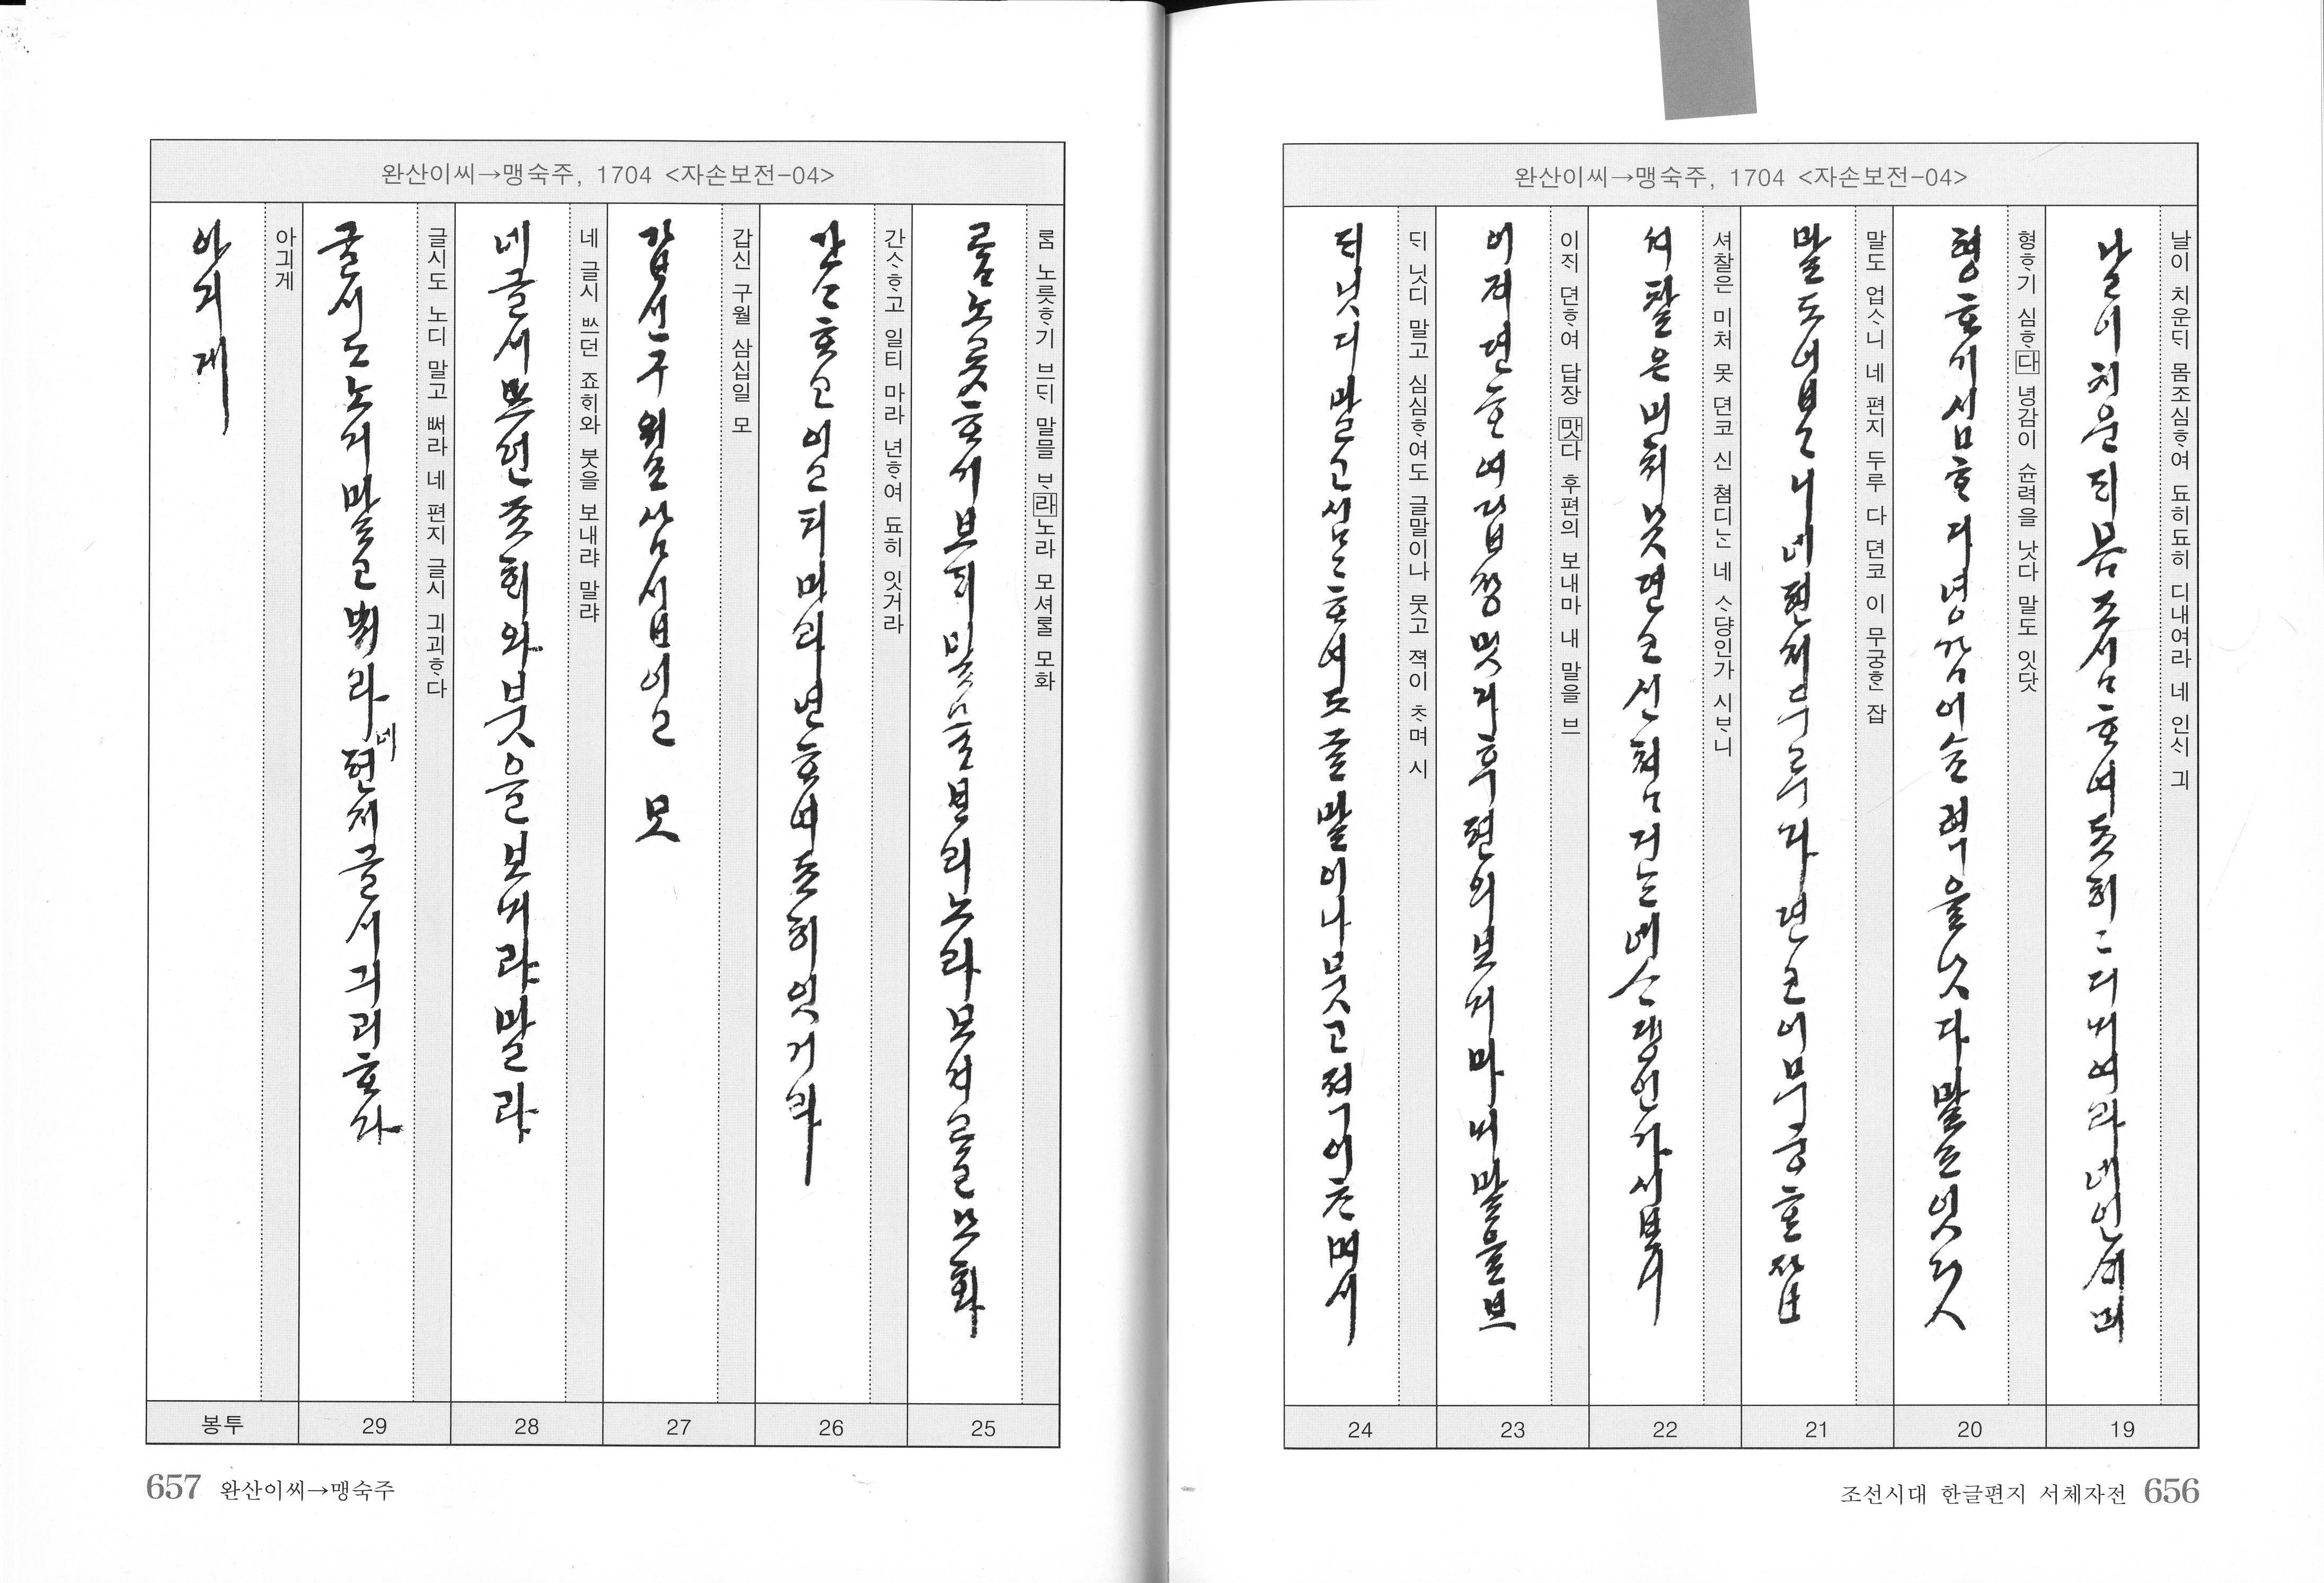 t116B r1 정희윤 06/완산이씨/조선시대한글편지서체사전-다운샘